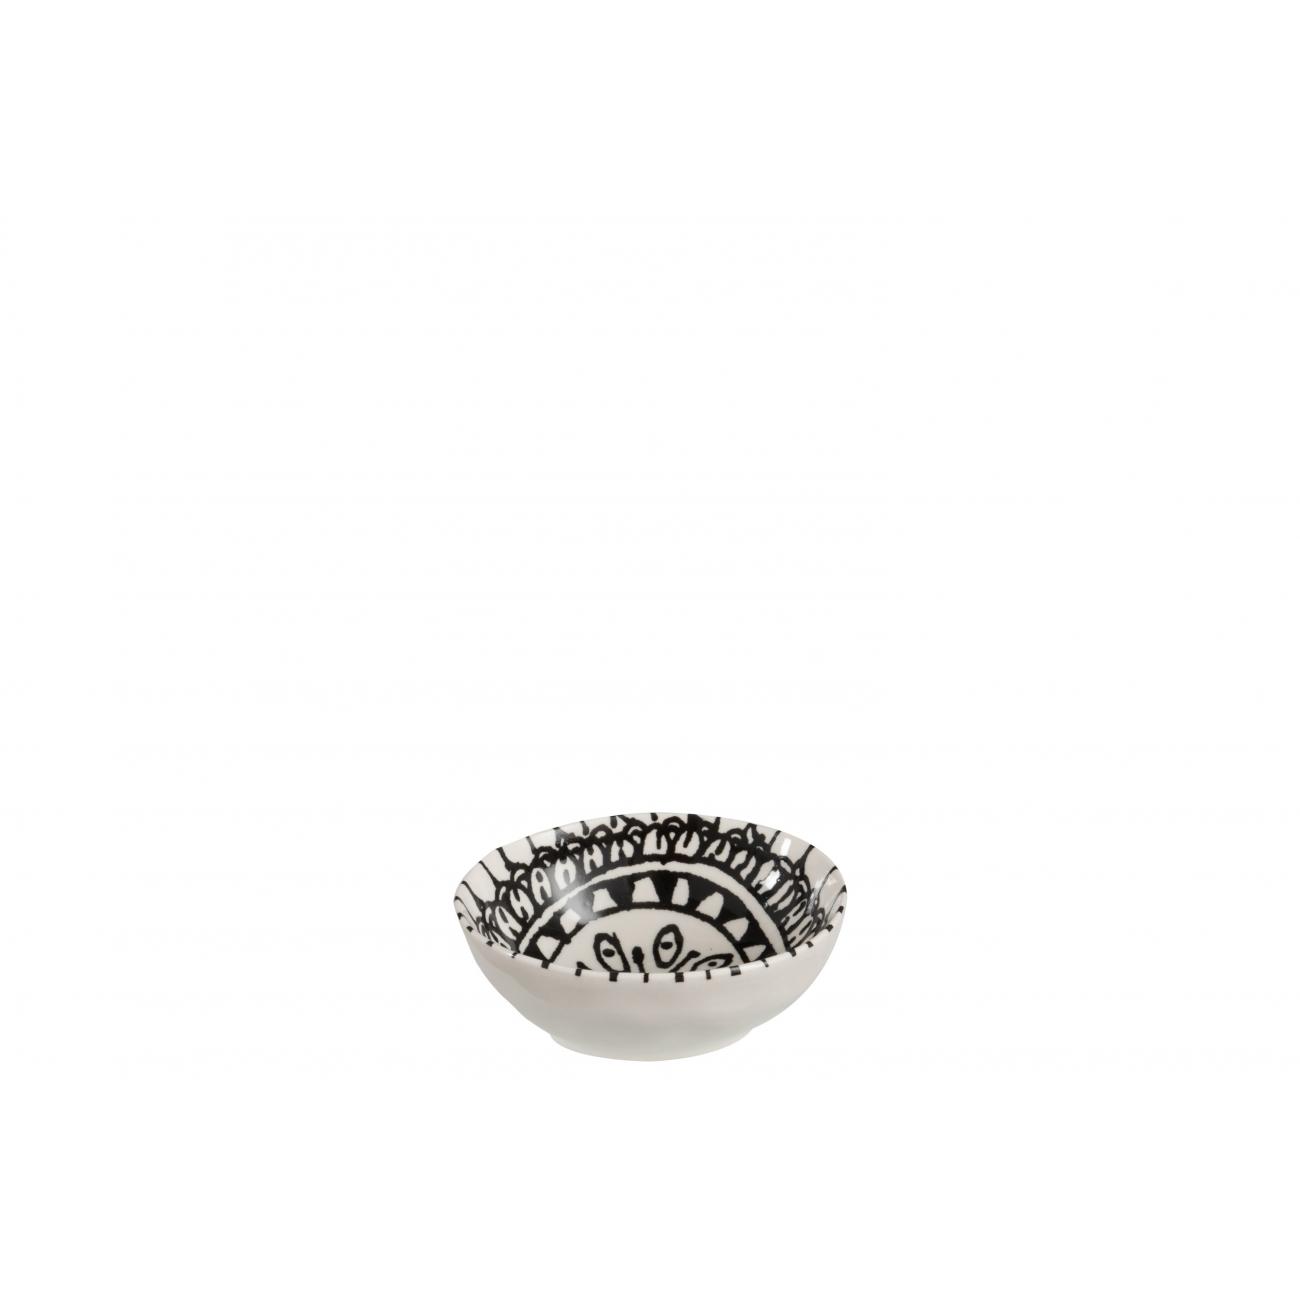 Пиала  J-LINE керамическая черно-белого цвета диаметр 8 см Бельгия